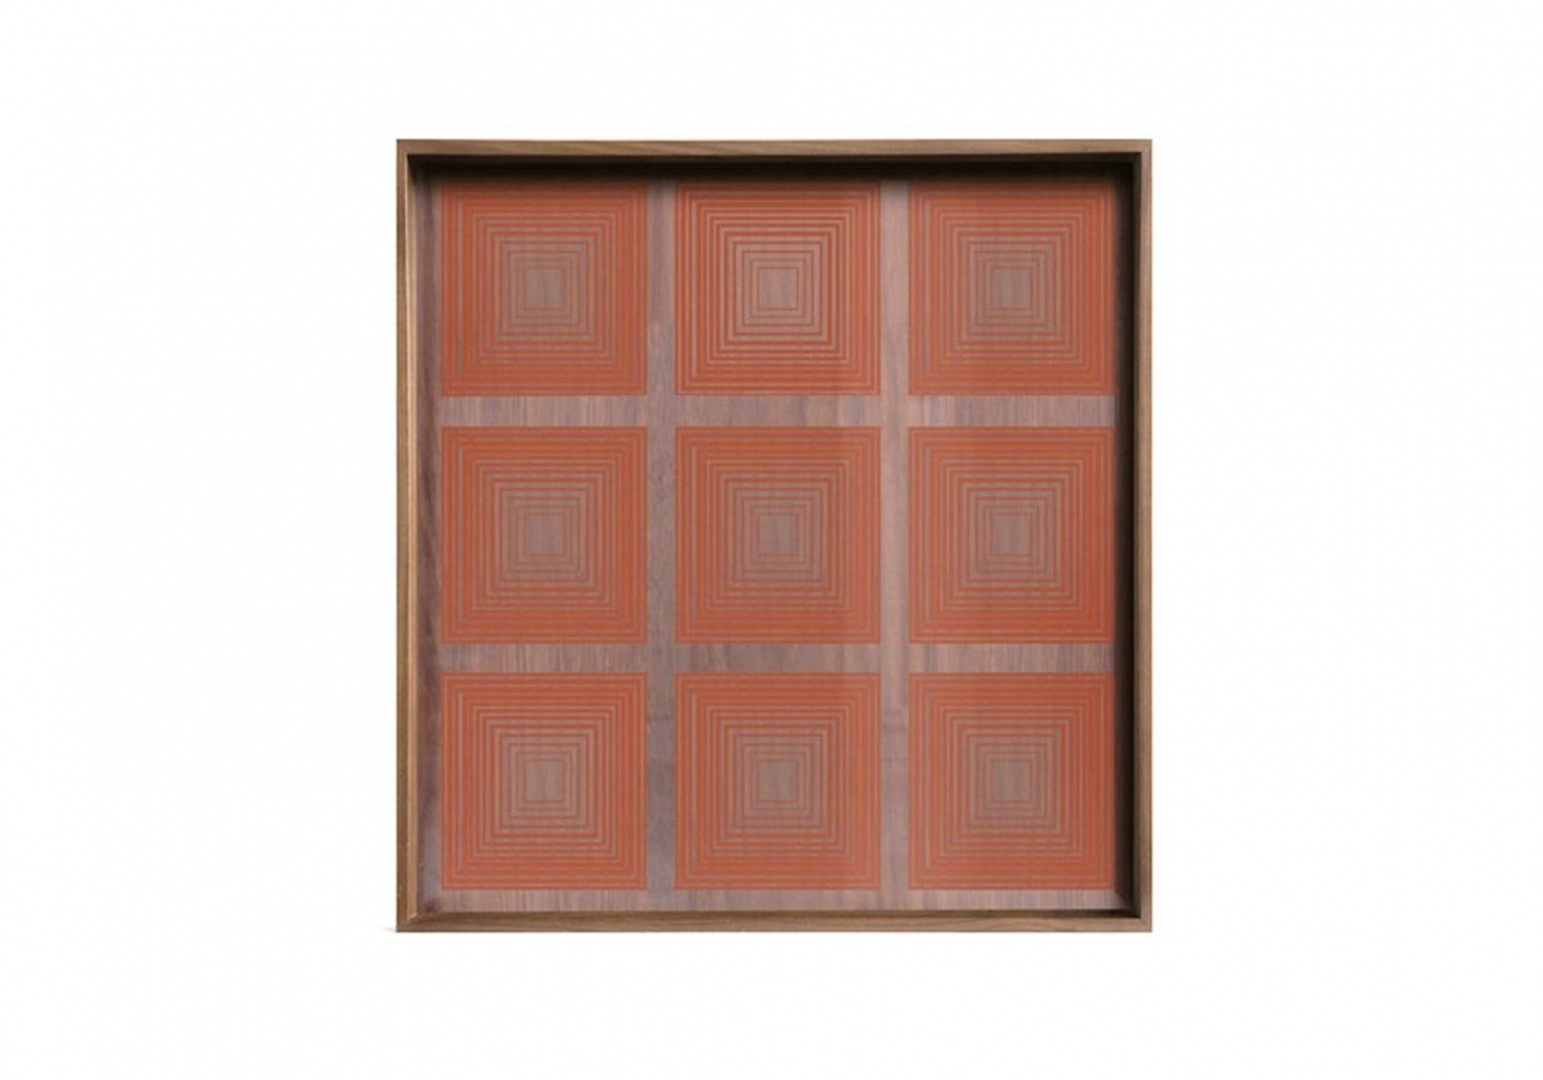 Plateau Pumpkin Squares glass - ETHNICRAFT ACCESSOIRES